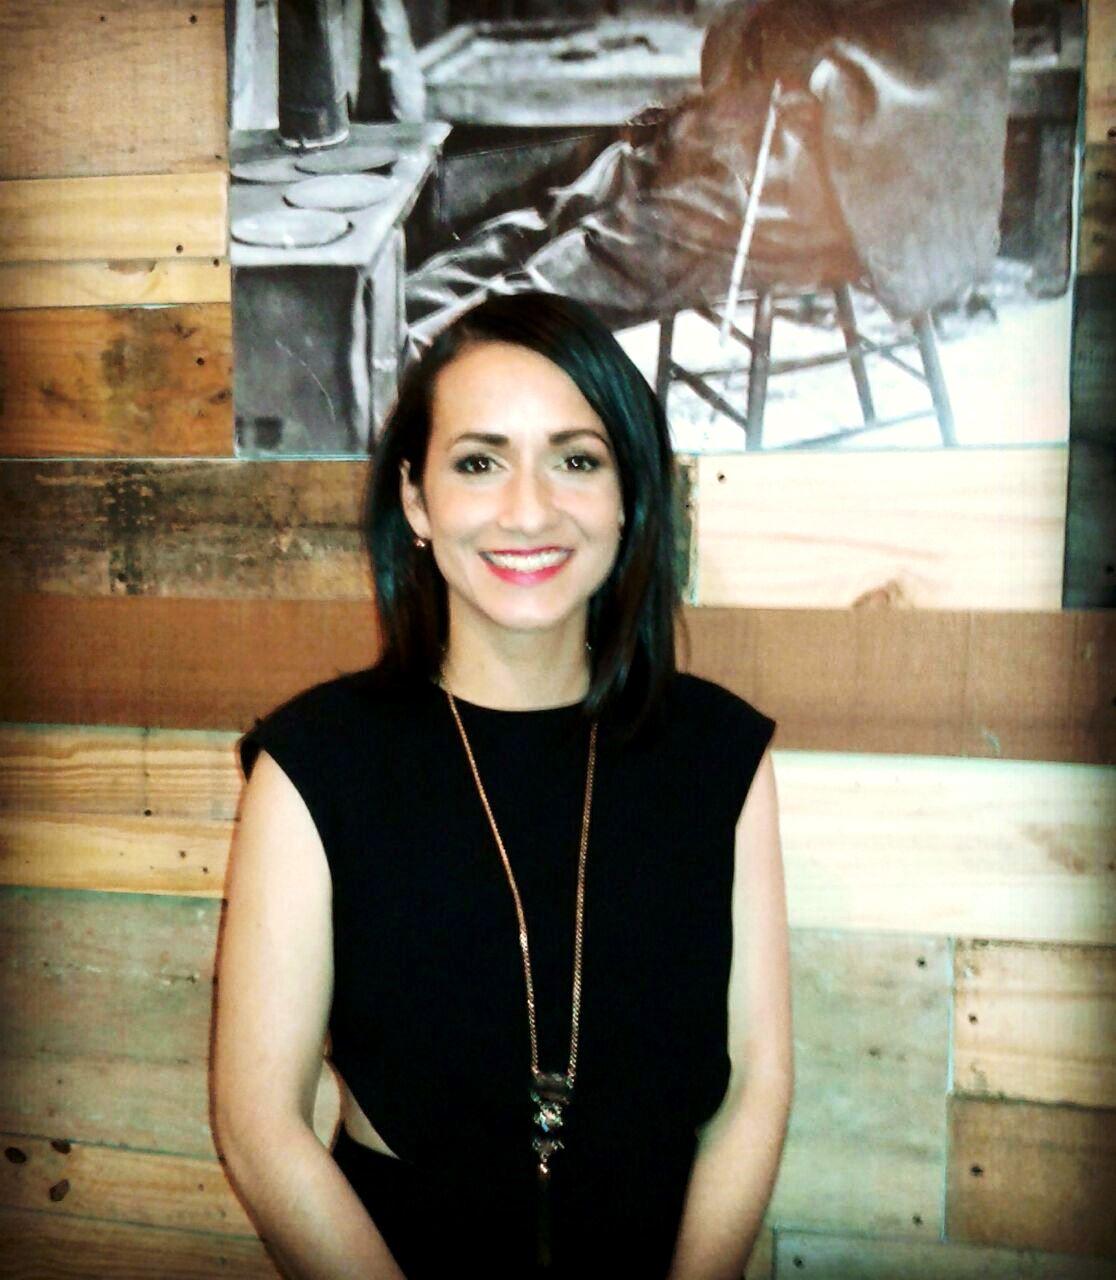 Diana Zuluaga, la empresaria internacional que viaja por el mundo, está de visita en Barranquilla